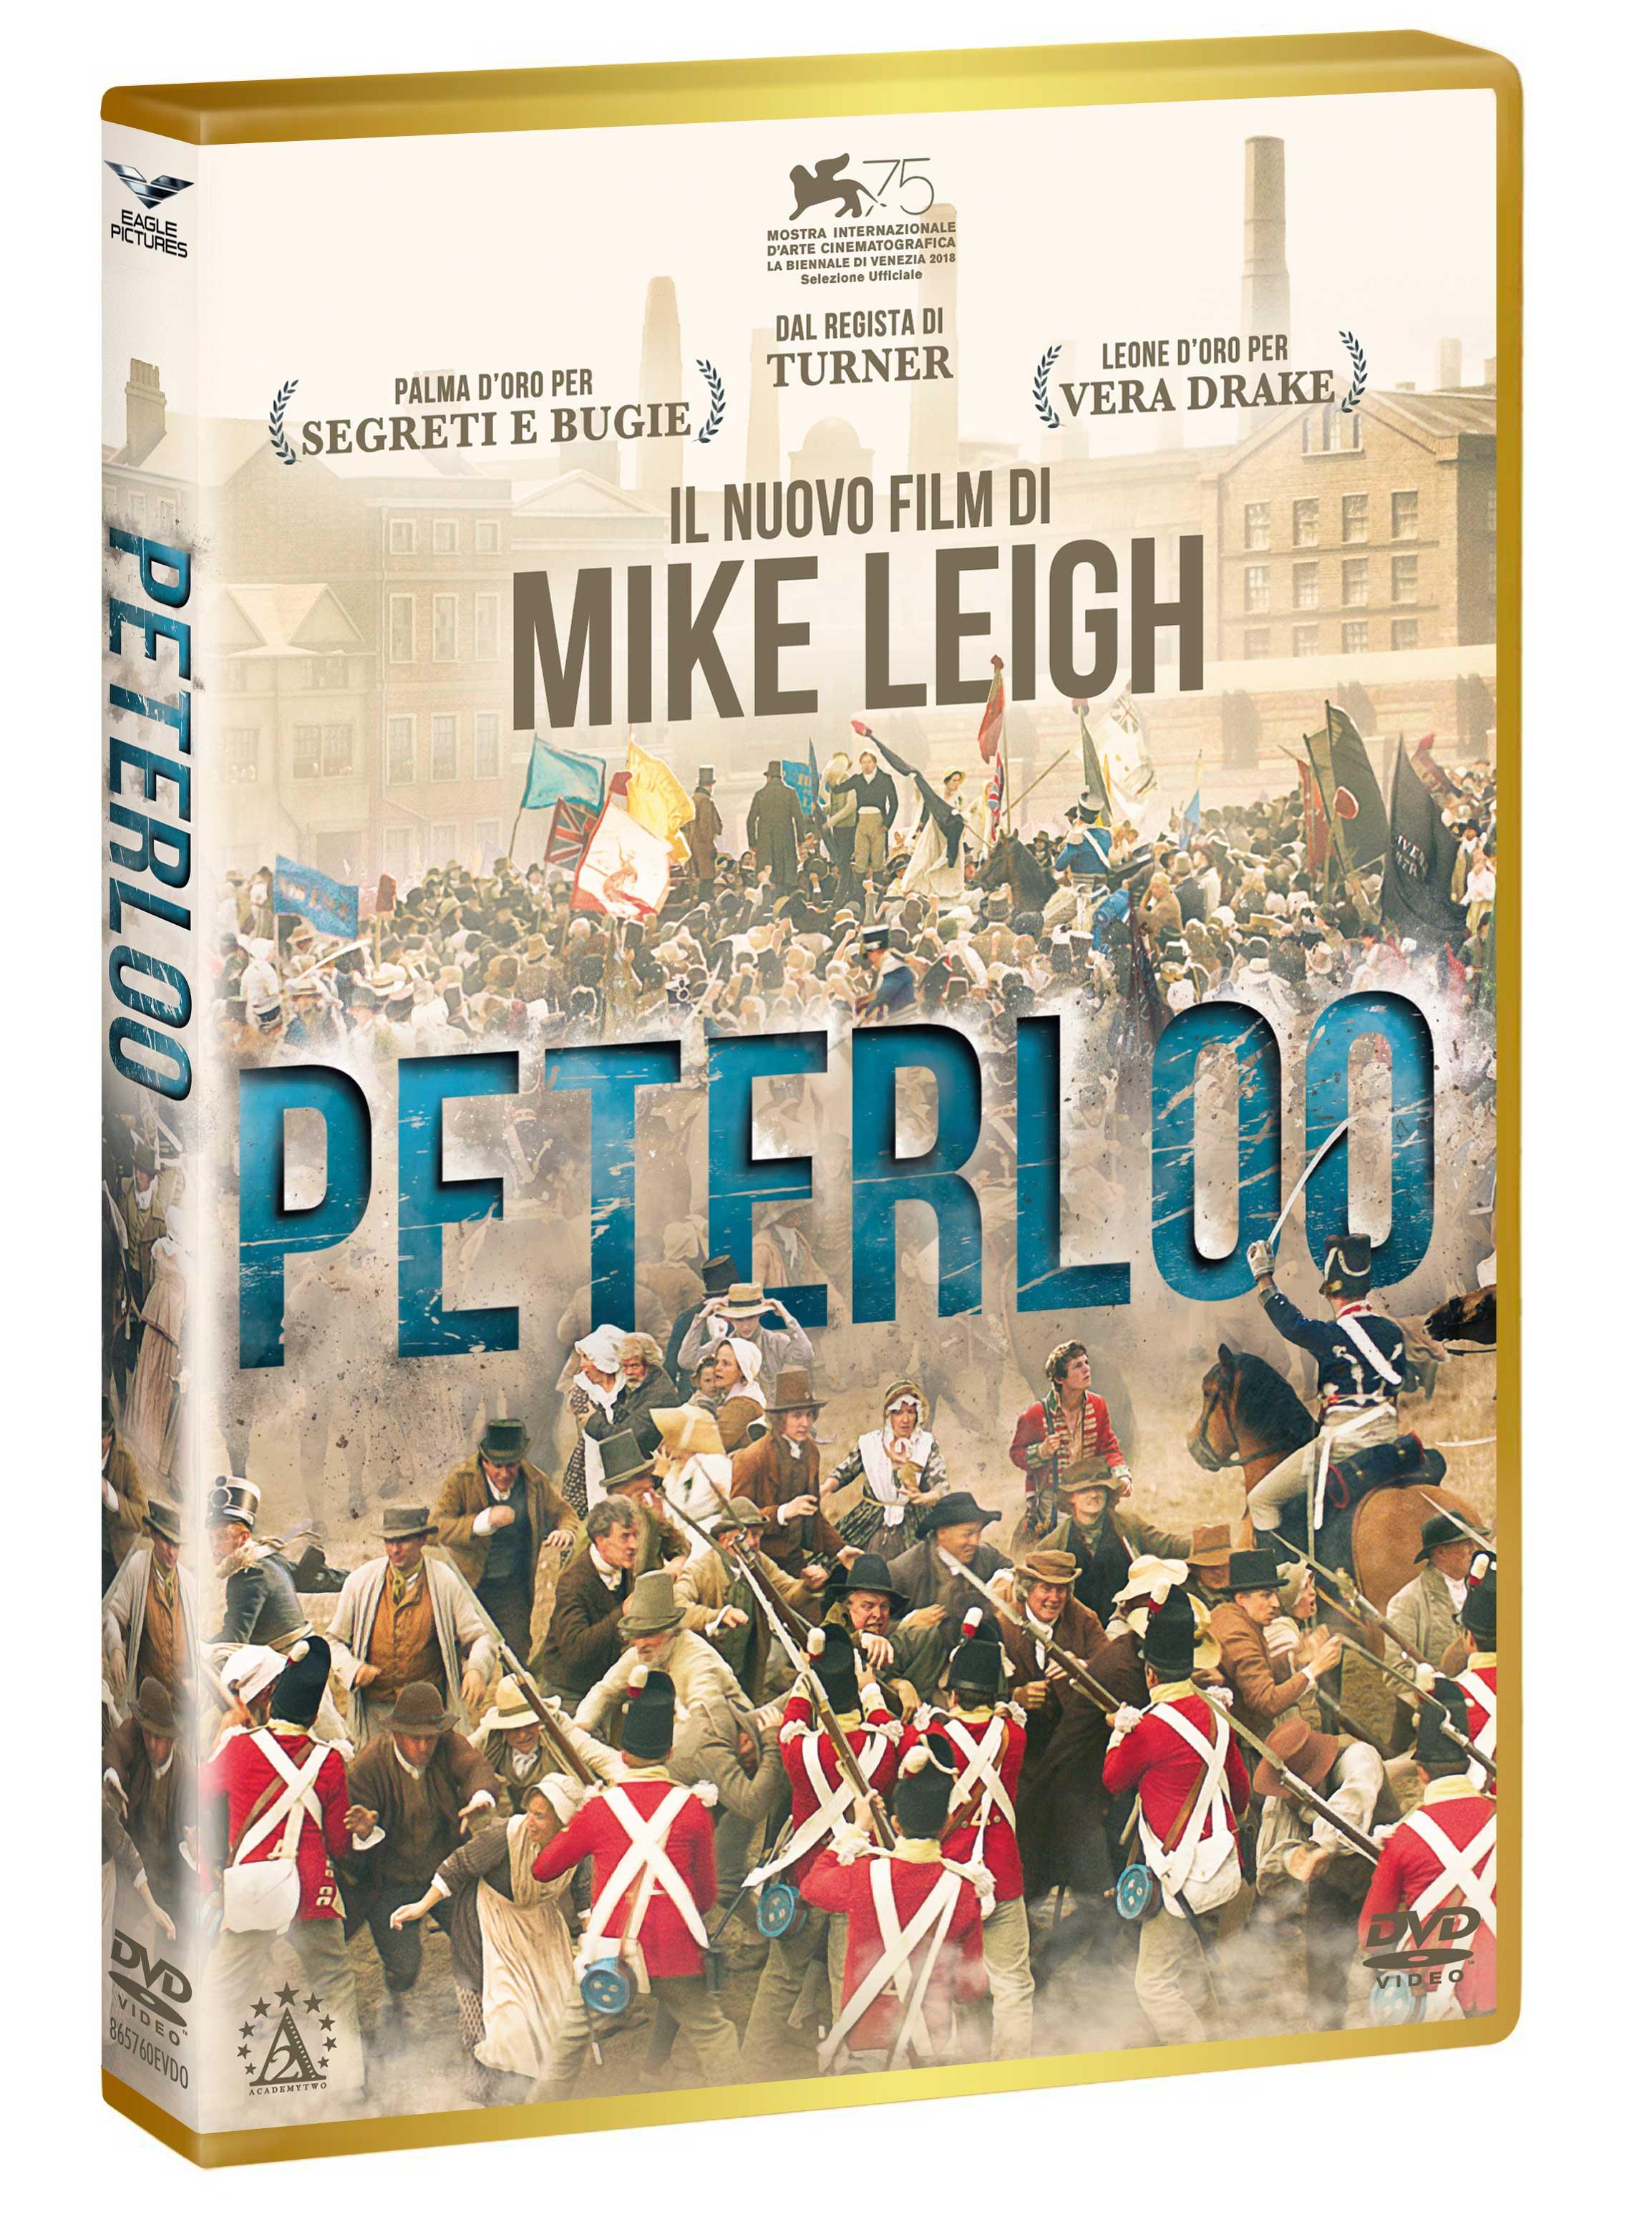 PETERLOO (DVD)